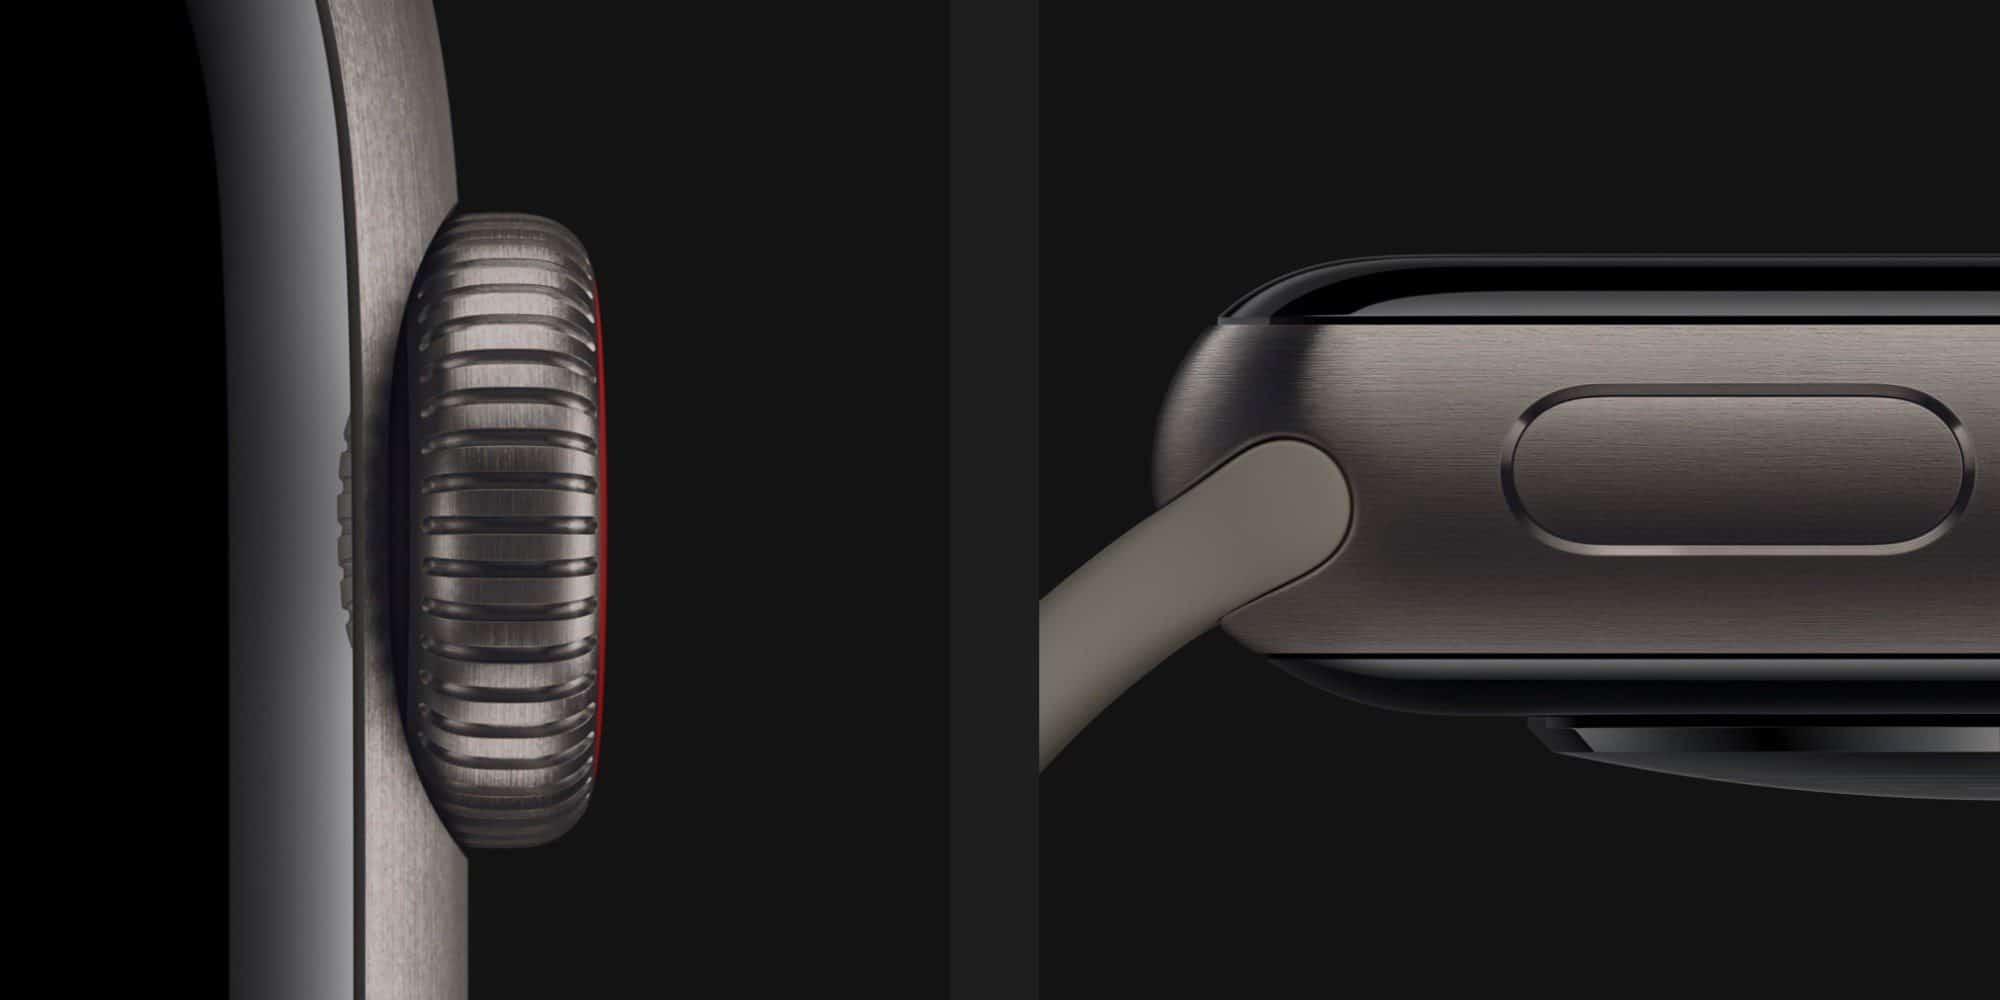 Apple Kiểm chứng Apple Watch Trọng lượng của bộ 5 Dành cho người mẫu 8